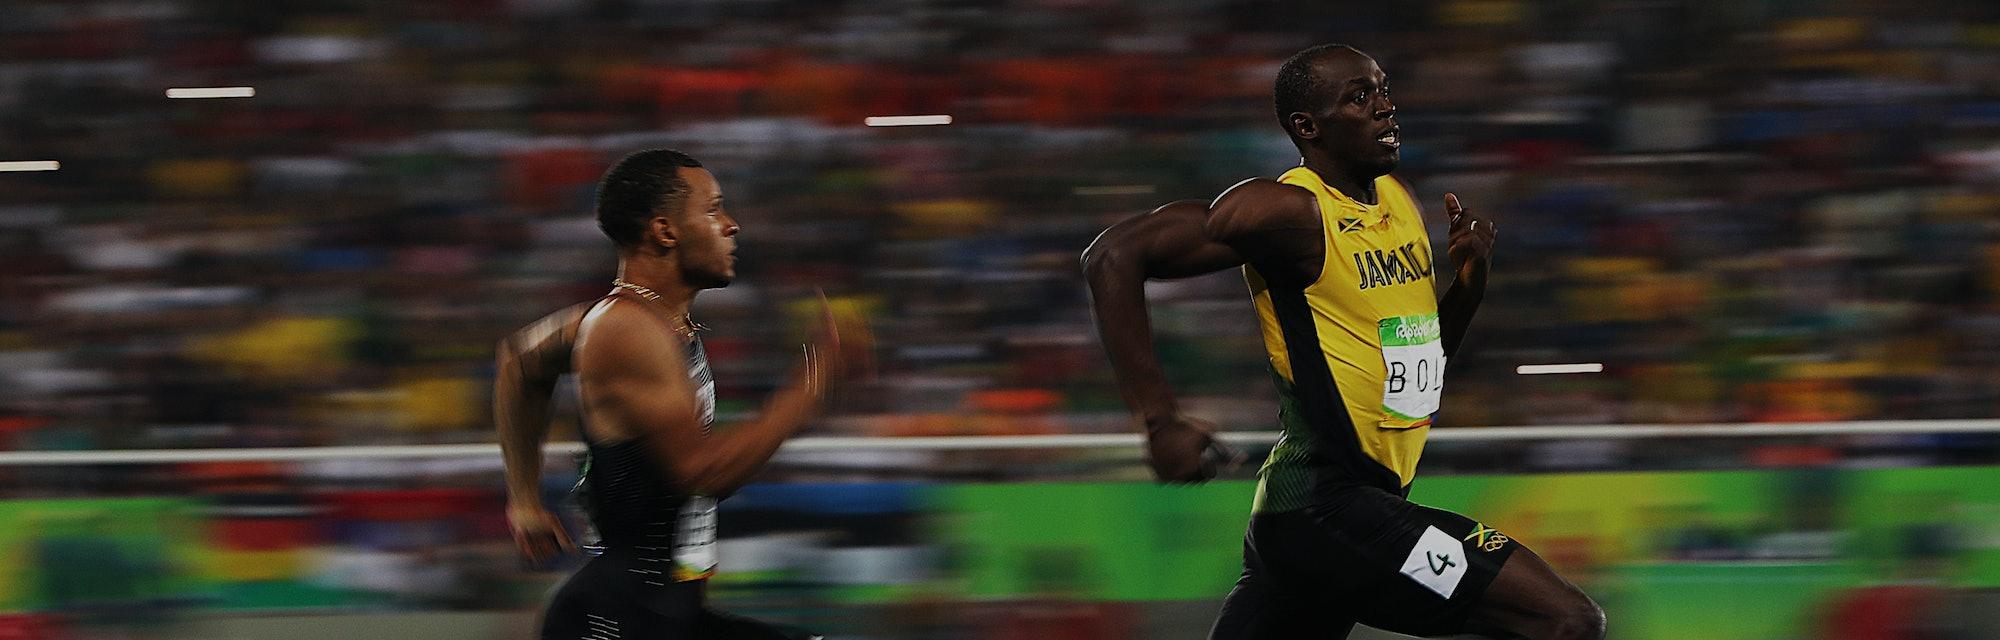 RIO DE JANEIRO, BRAZIL - AUGUST 17: Andre de Grasse of Canada and Usain Bolt of Jamaica react as the...